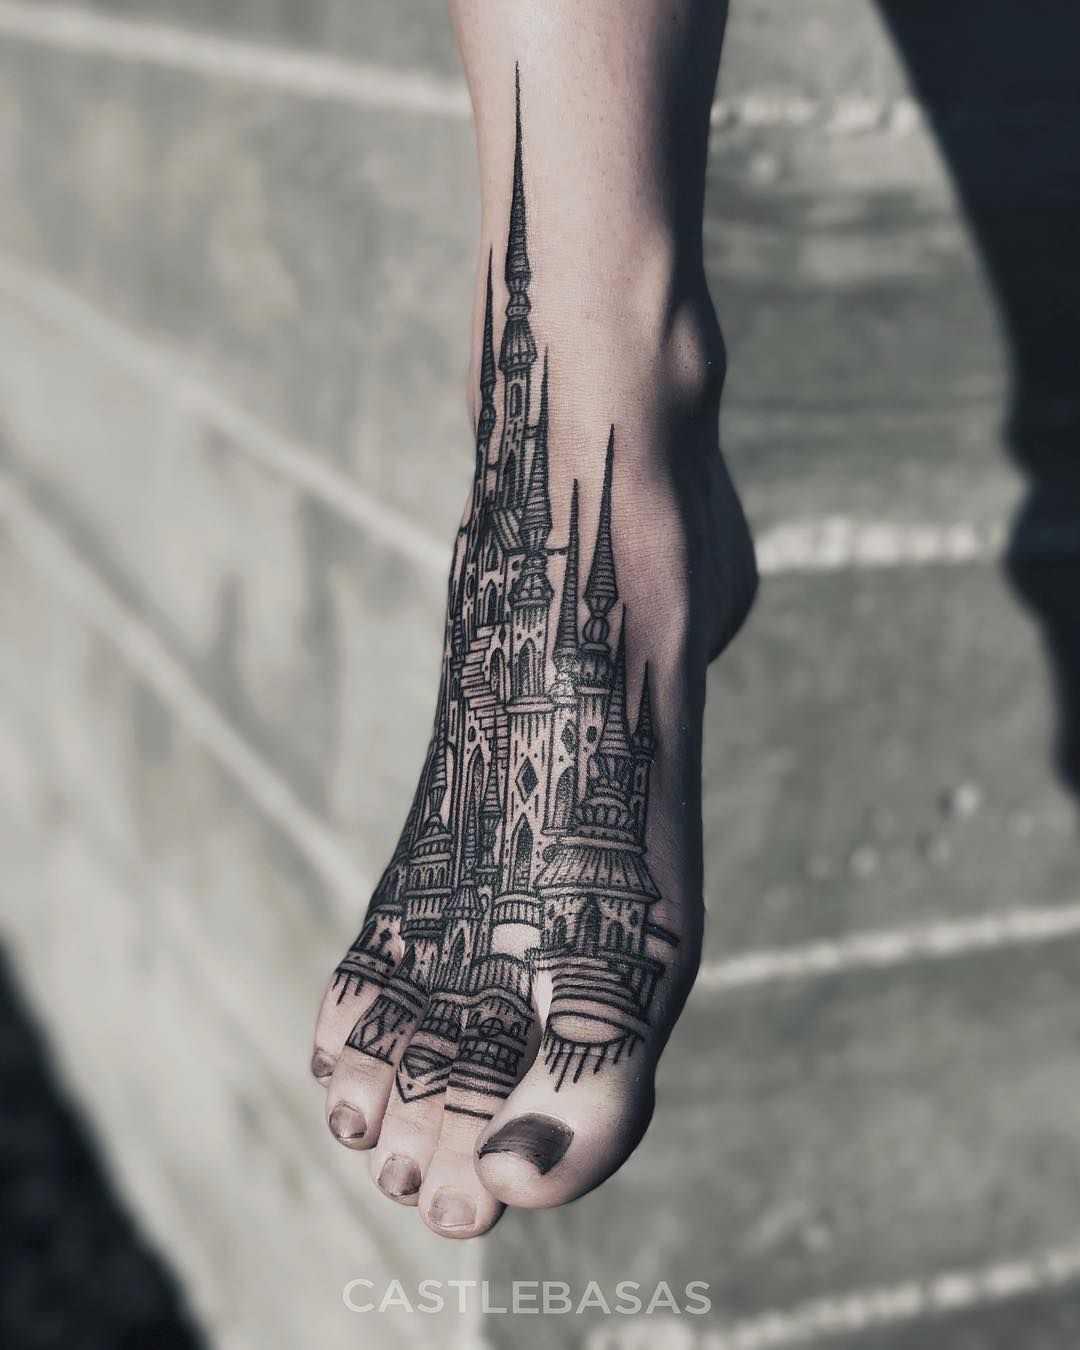 Vemos un tatuaje de la catedral de san basilio en el pie de una joven